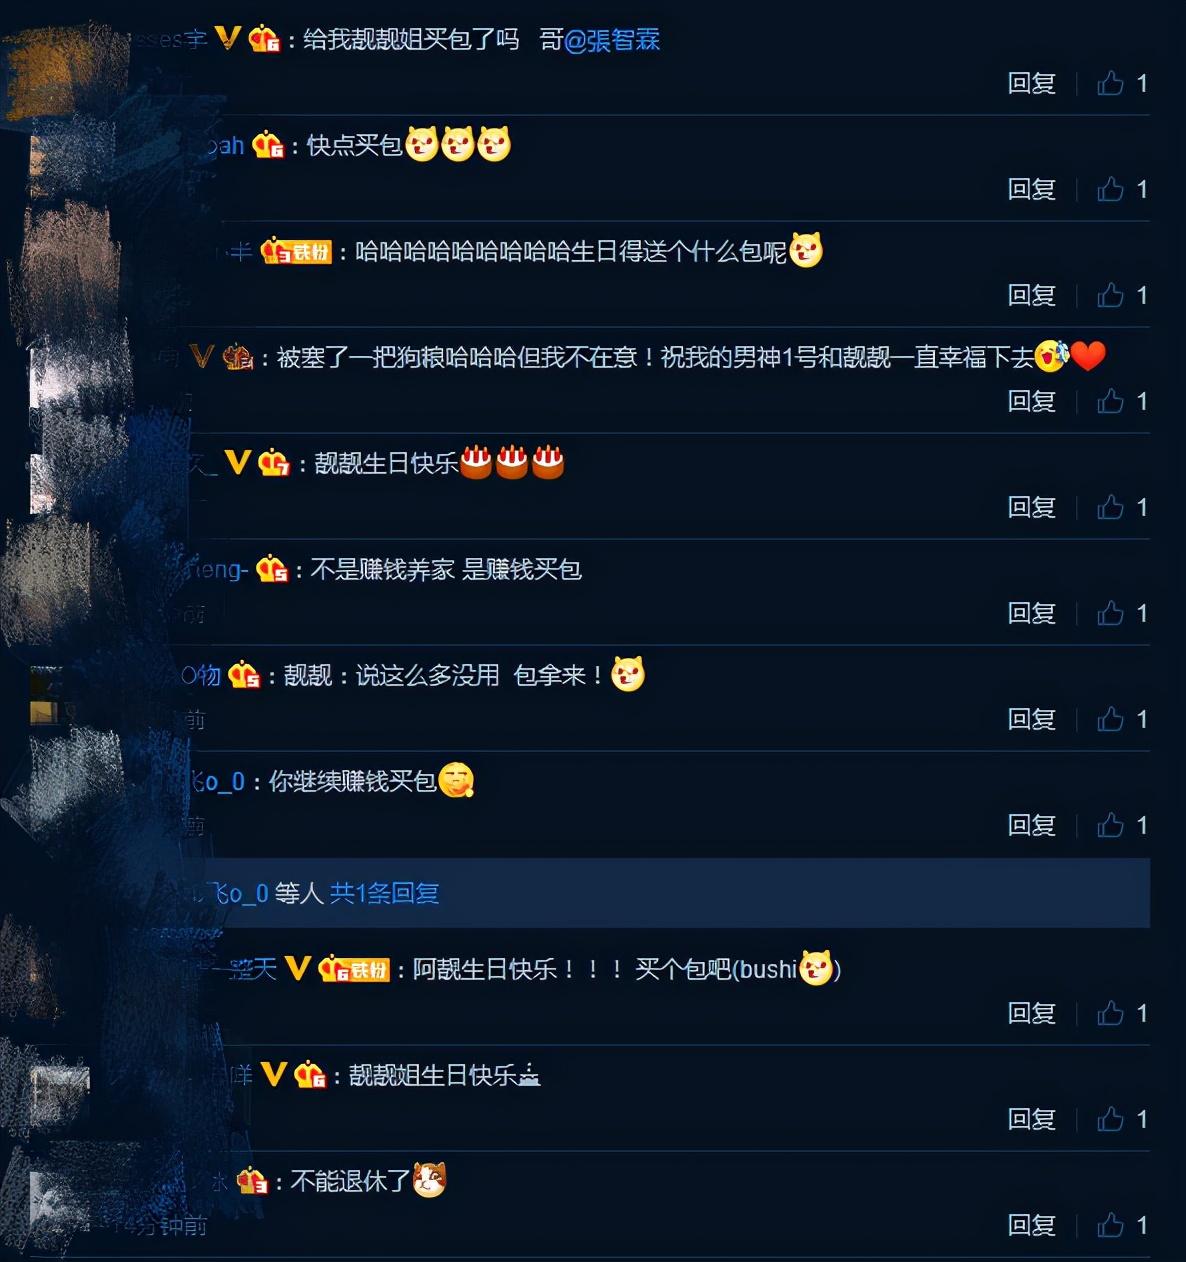 张智霖为袁咏仪庆祝50岁生日,甜喊对方美女,结婚20年恩爱如初